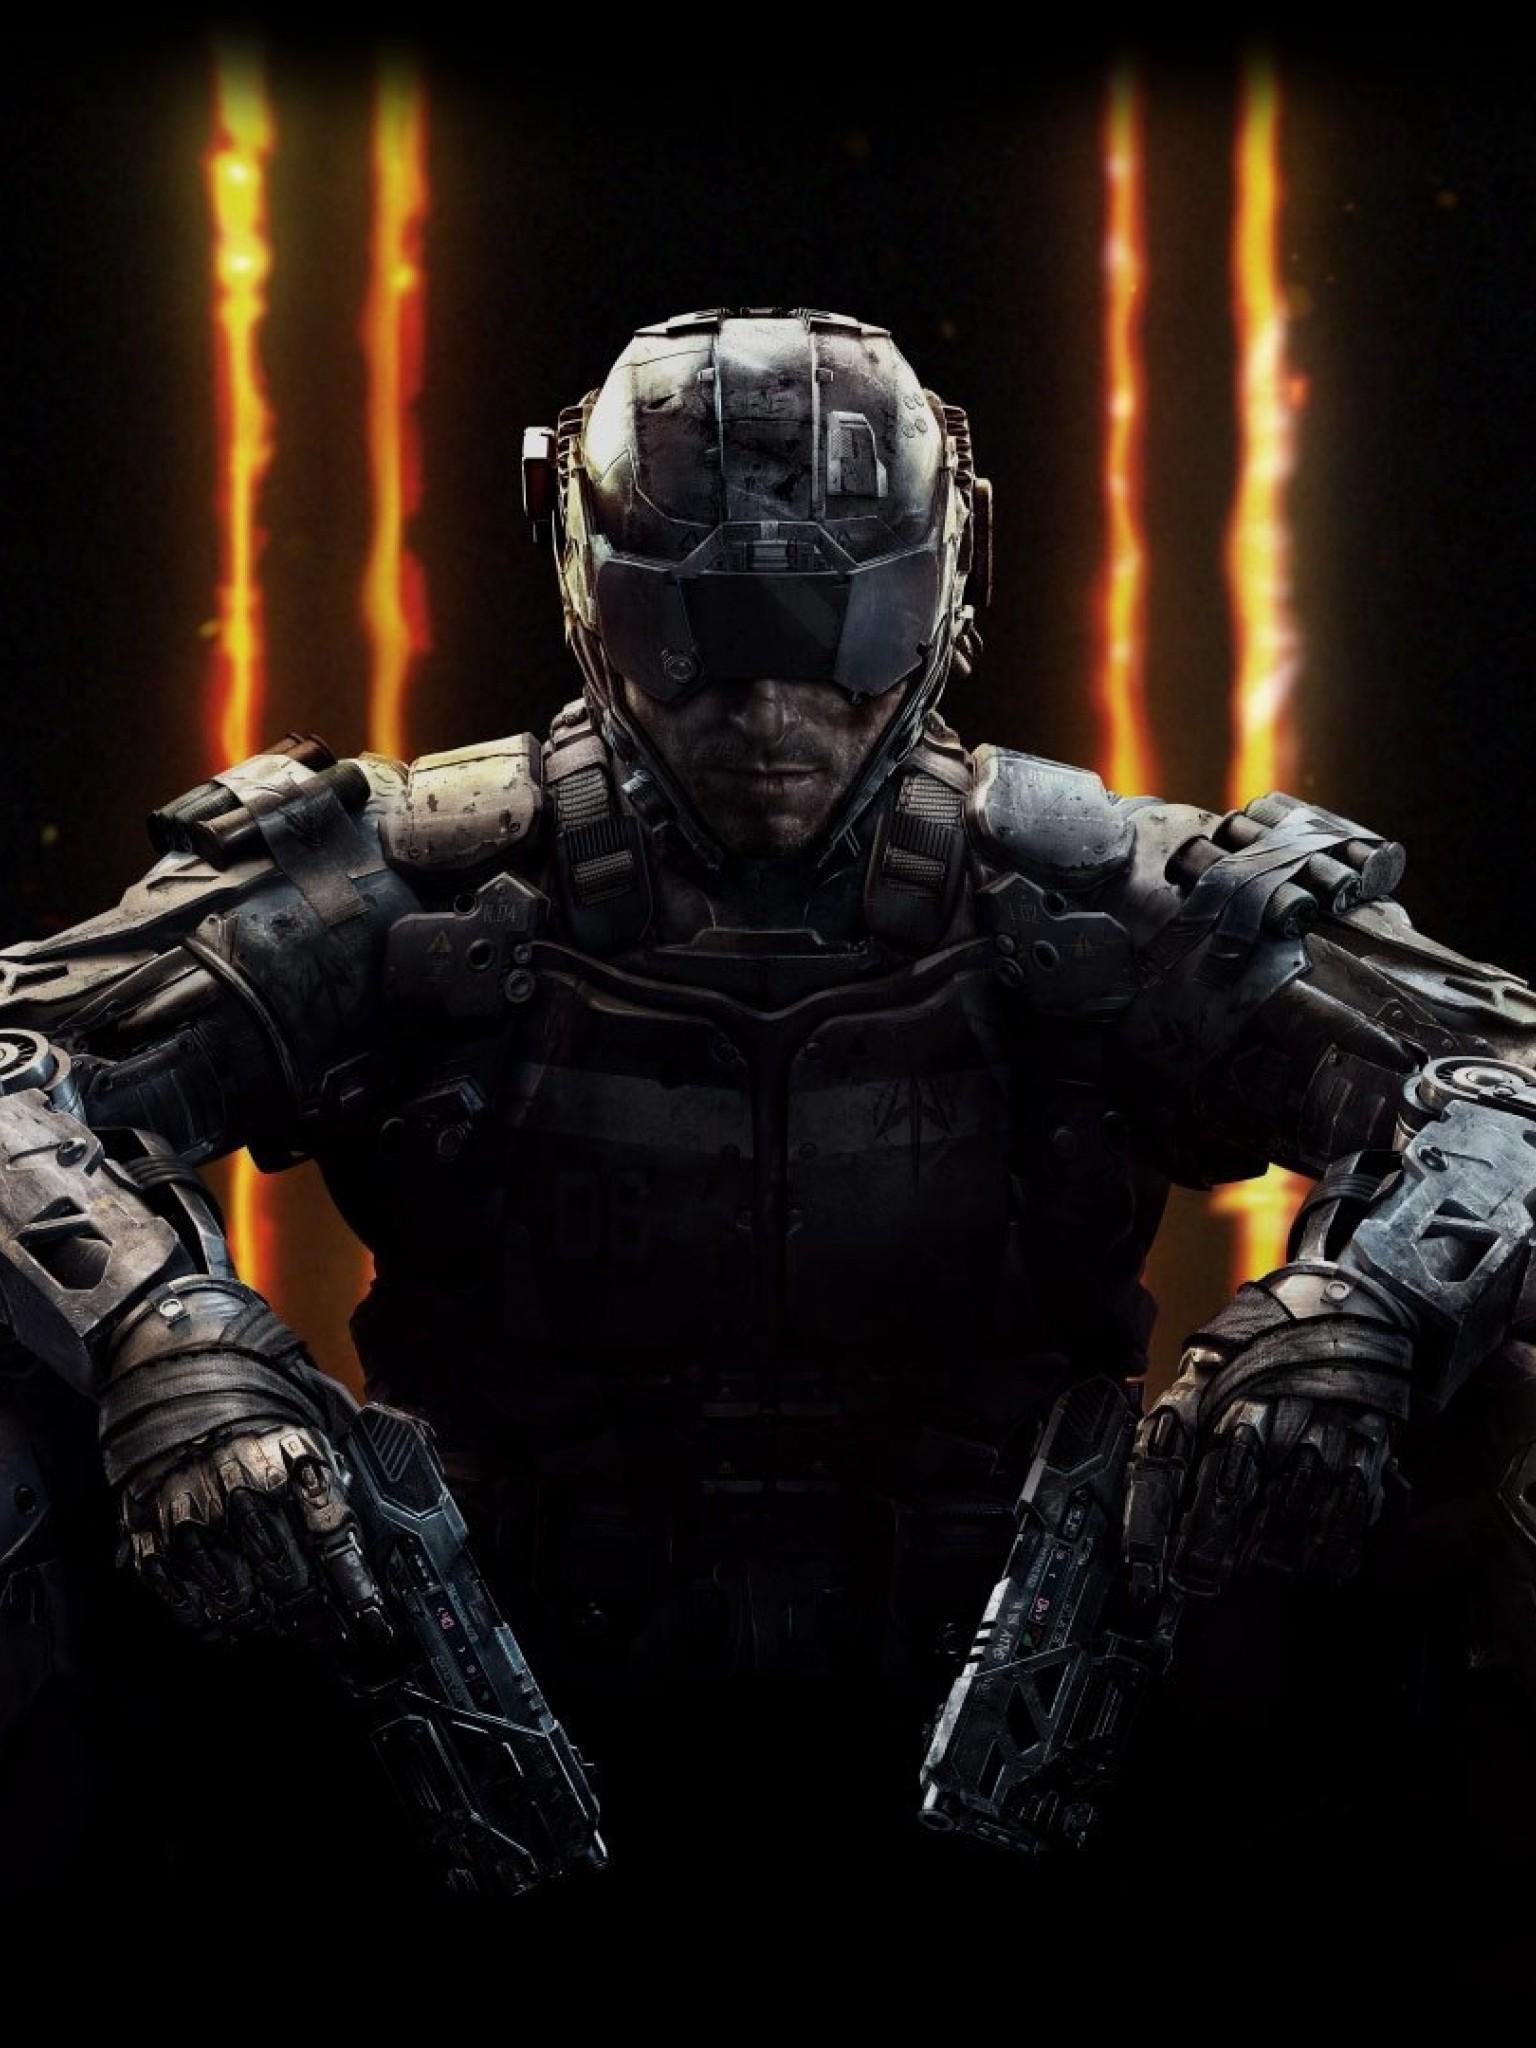 Call Of Duty Black Ops 3 Hd Wallpaper Retina Ipad Hd Wallpaper